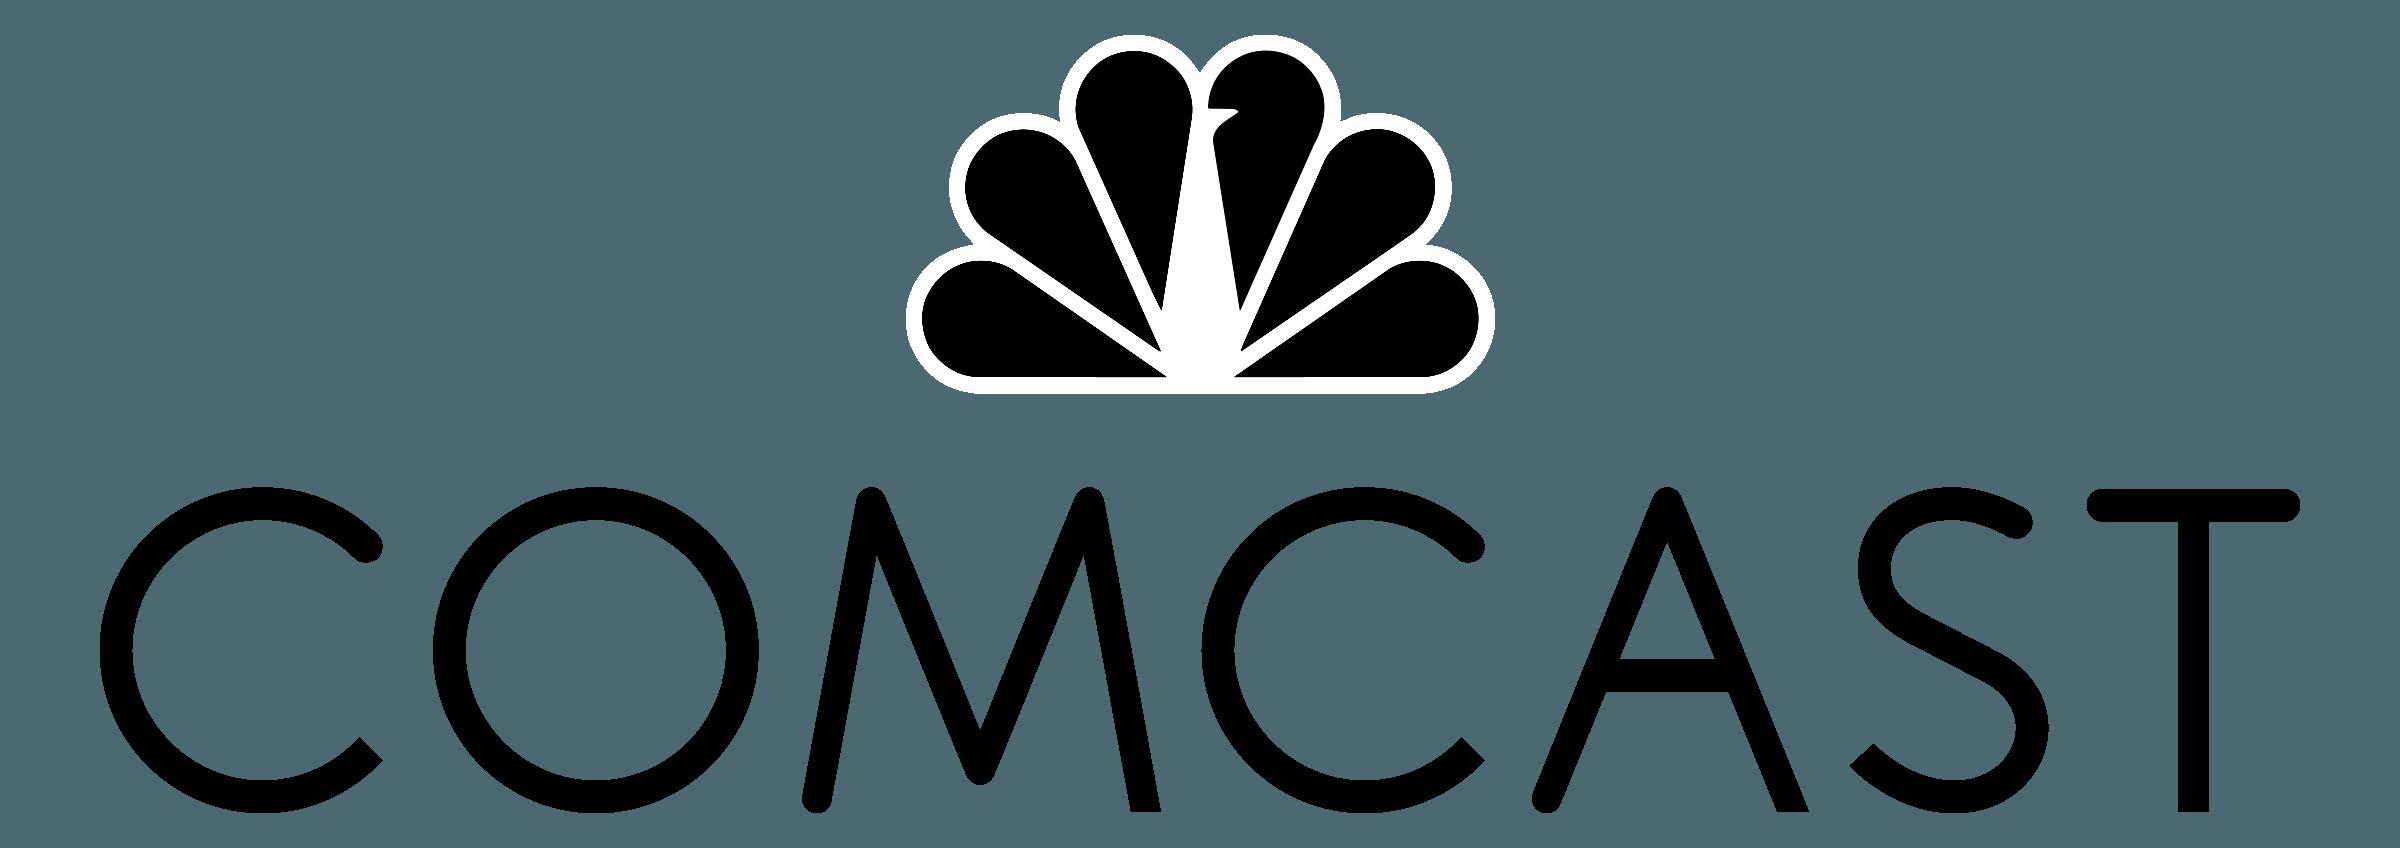 Comcast Logo Png (+).